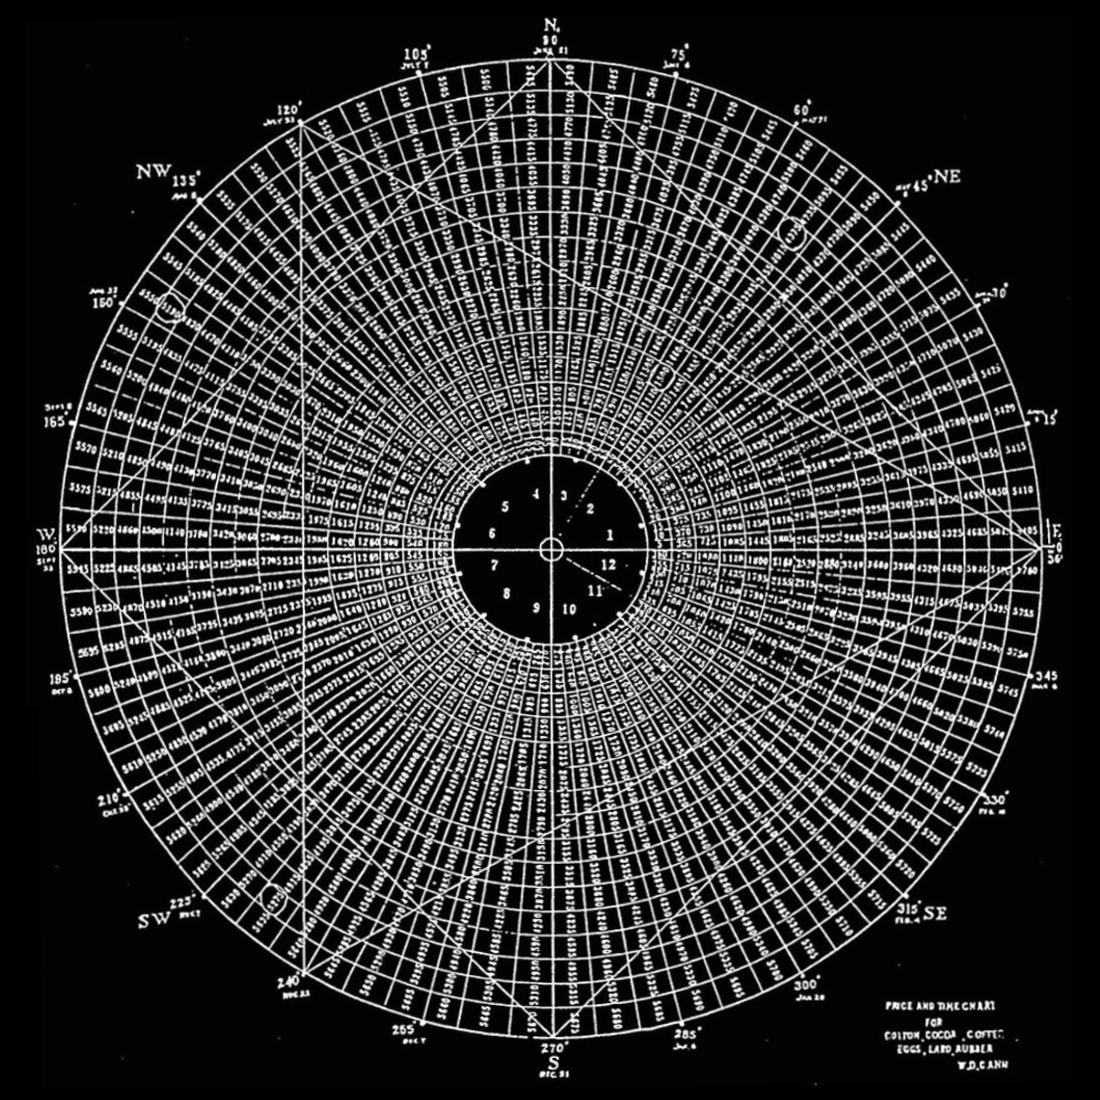 Kreisförmiges Diagramm mit weißen Zahlen und Linien auf schwarzem Grund